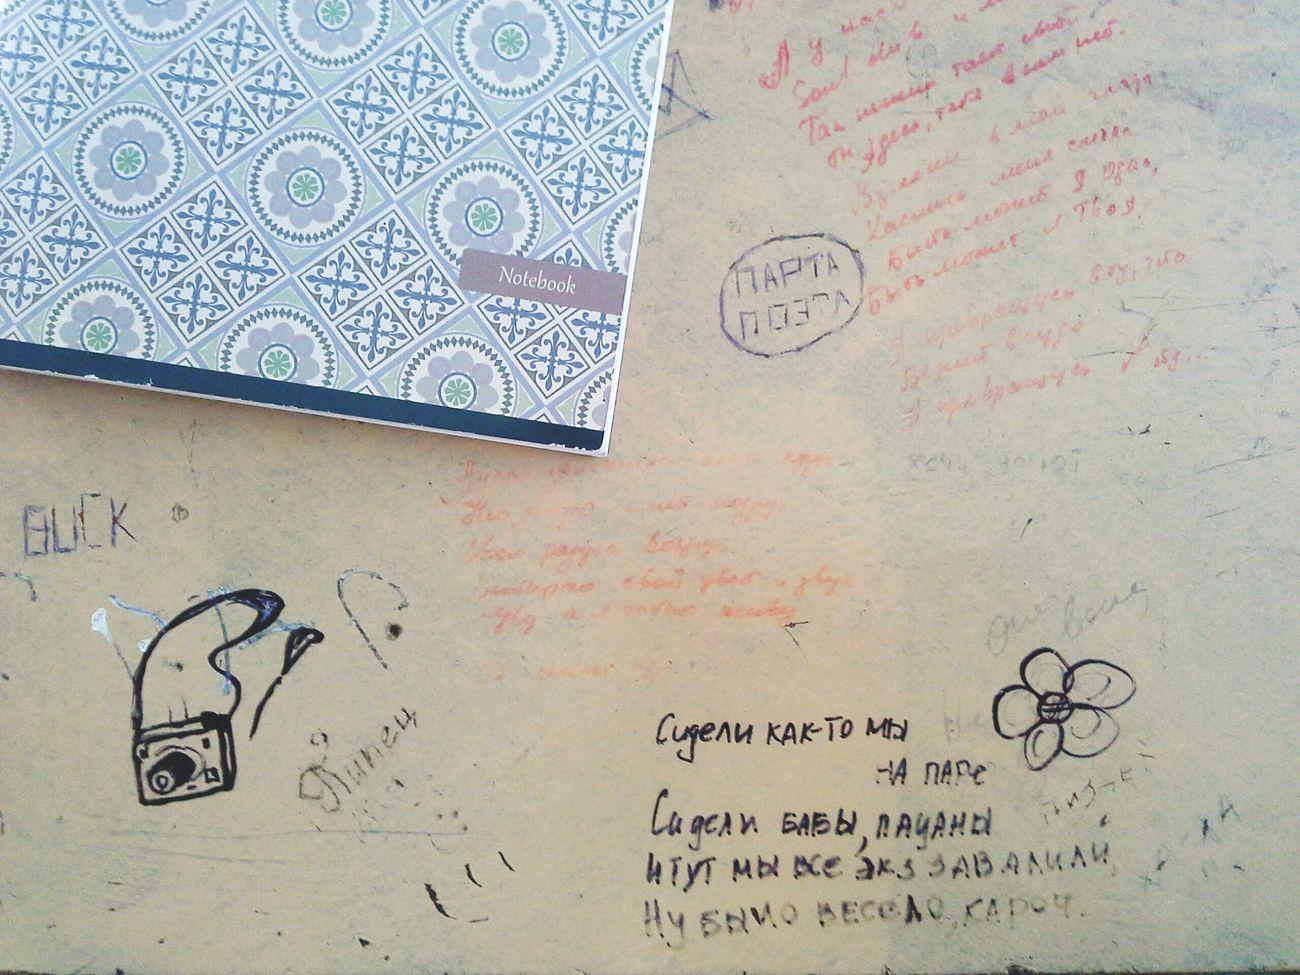 сидела тут за партой поэтов👌отличный сборник вырисовывается у ребят👌 Poems Onthedesk Writers University Studytime😪 Cinema And Television Saint-Petersburg